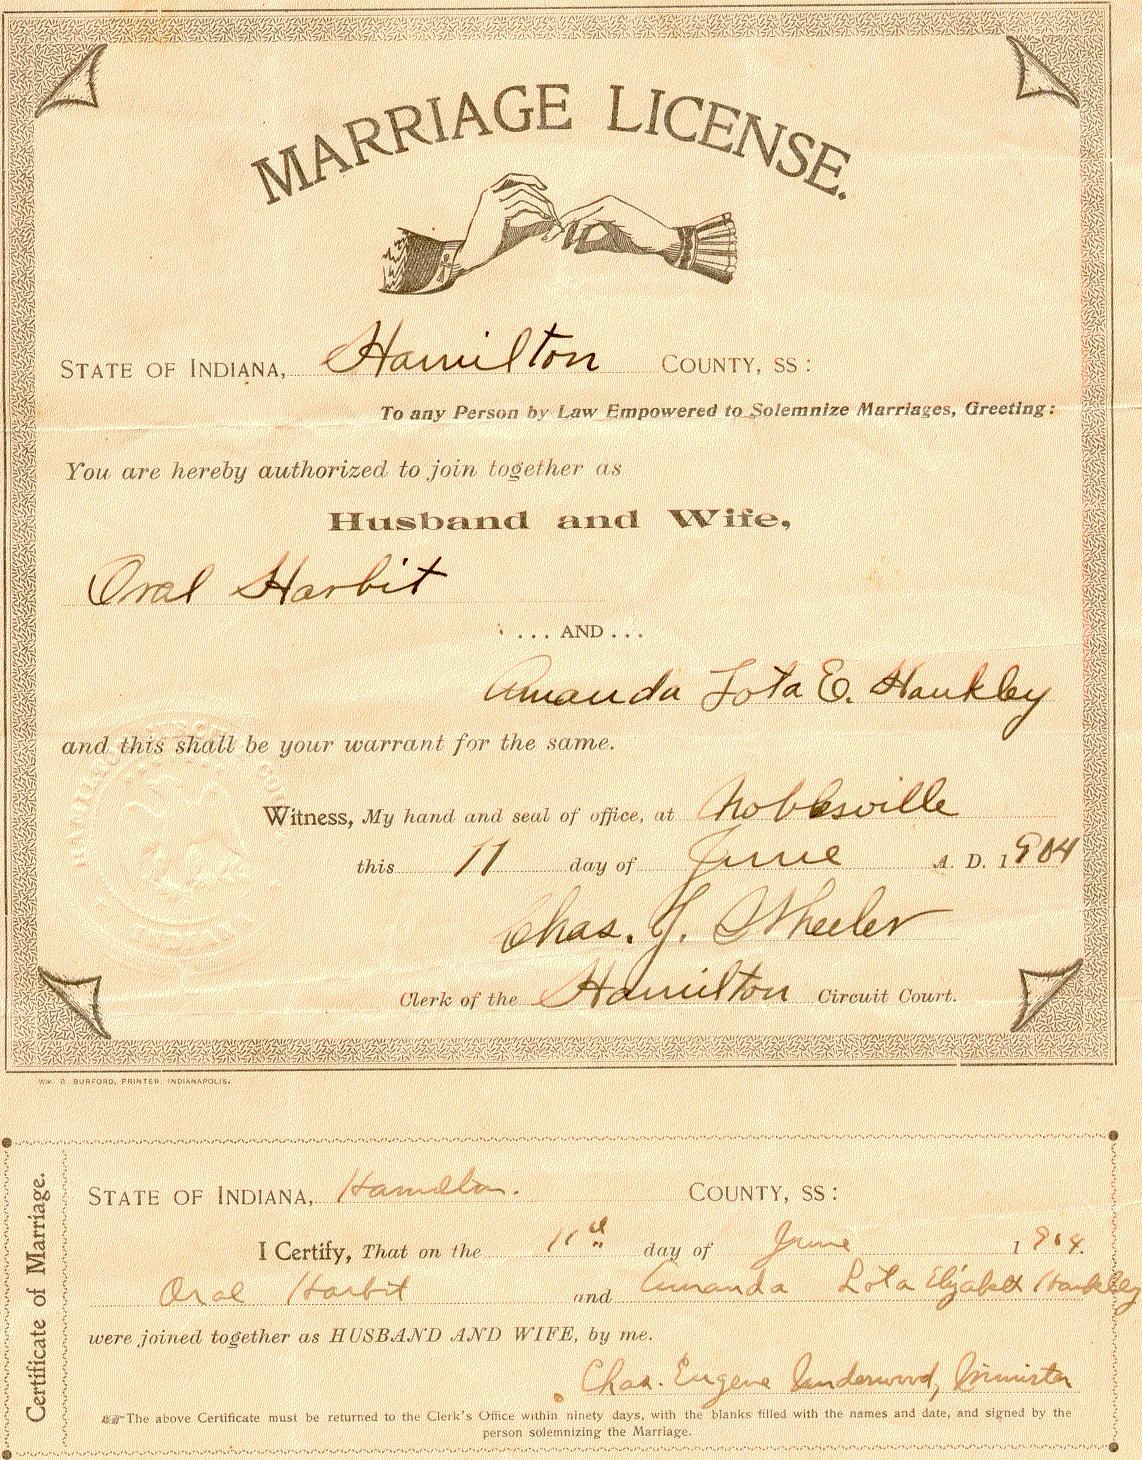 Andrew Jackson Harbit